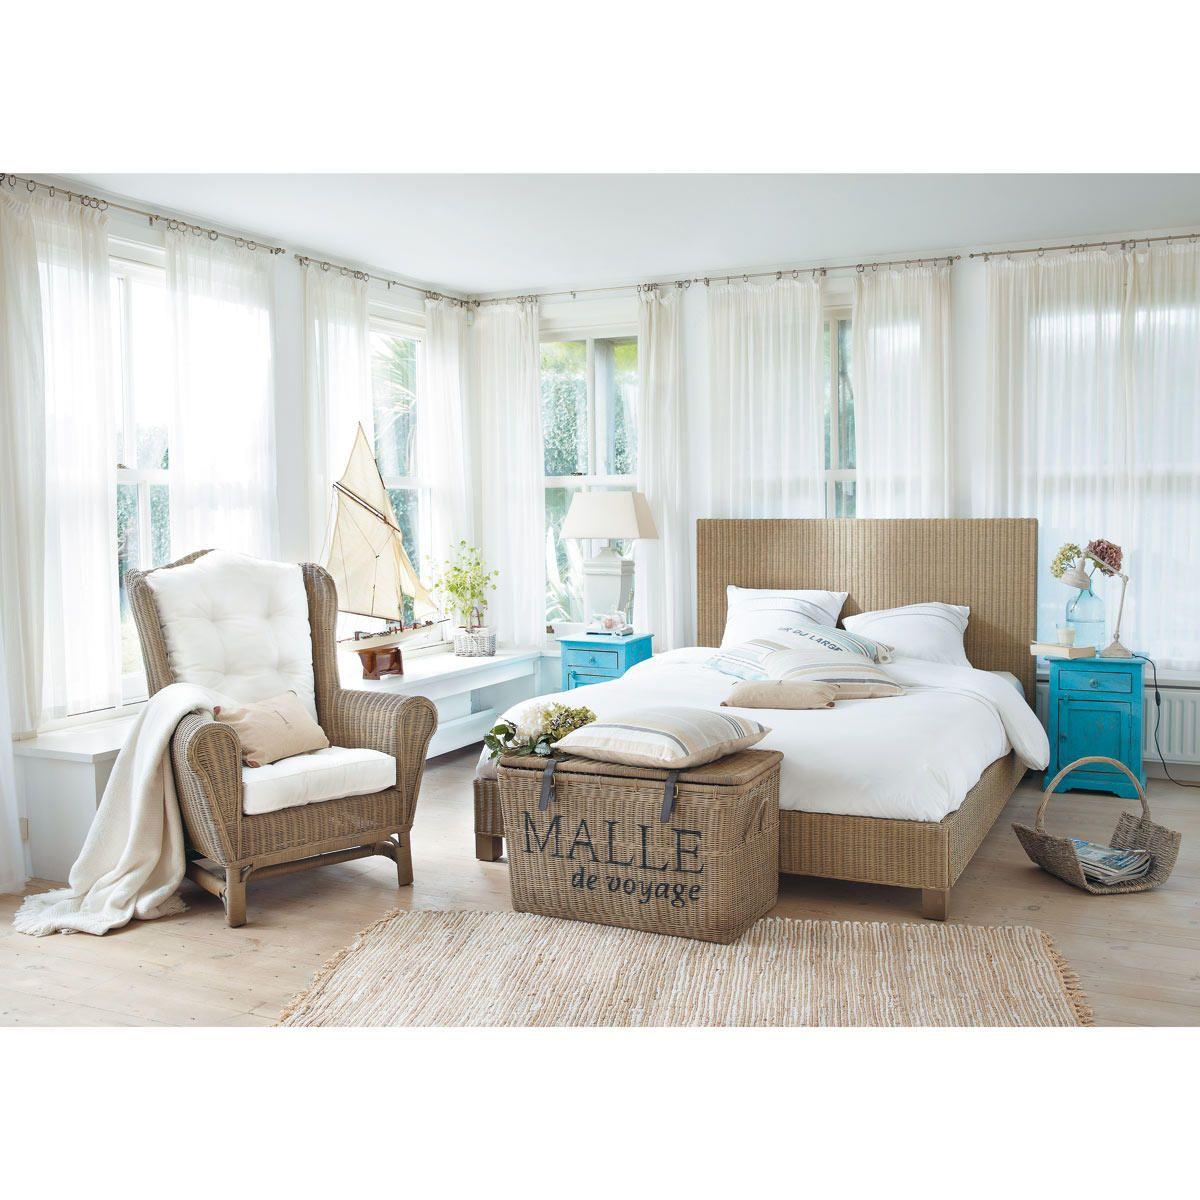 malle en rotin tress l80 en 2019 bord de mer chambre. Black Bedroom Furniture Sets. Home Design Ideas